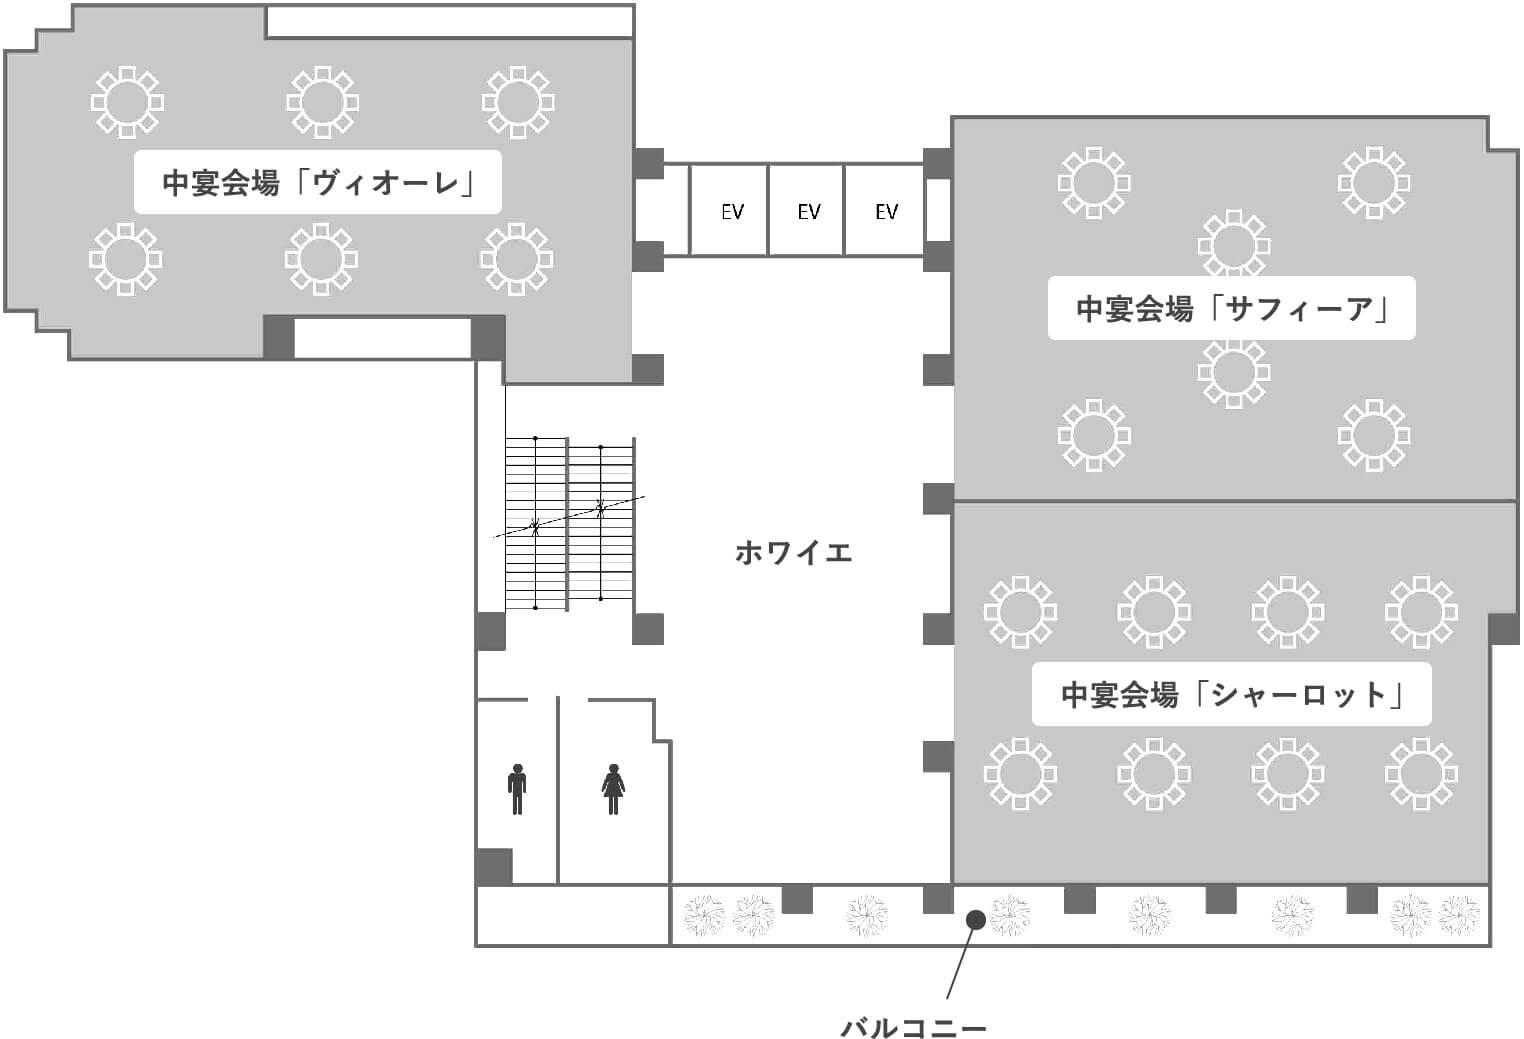 4階のフロアマップ画像